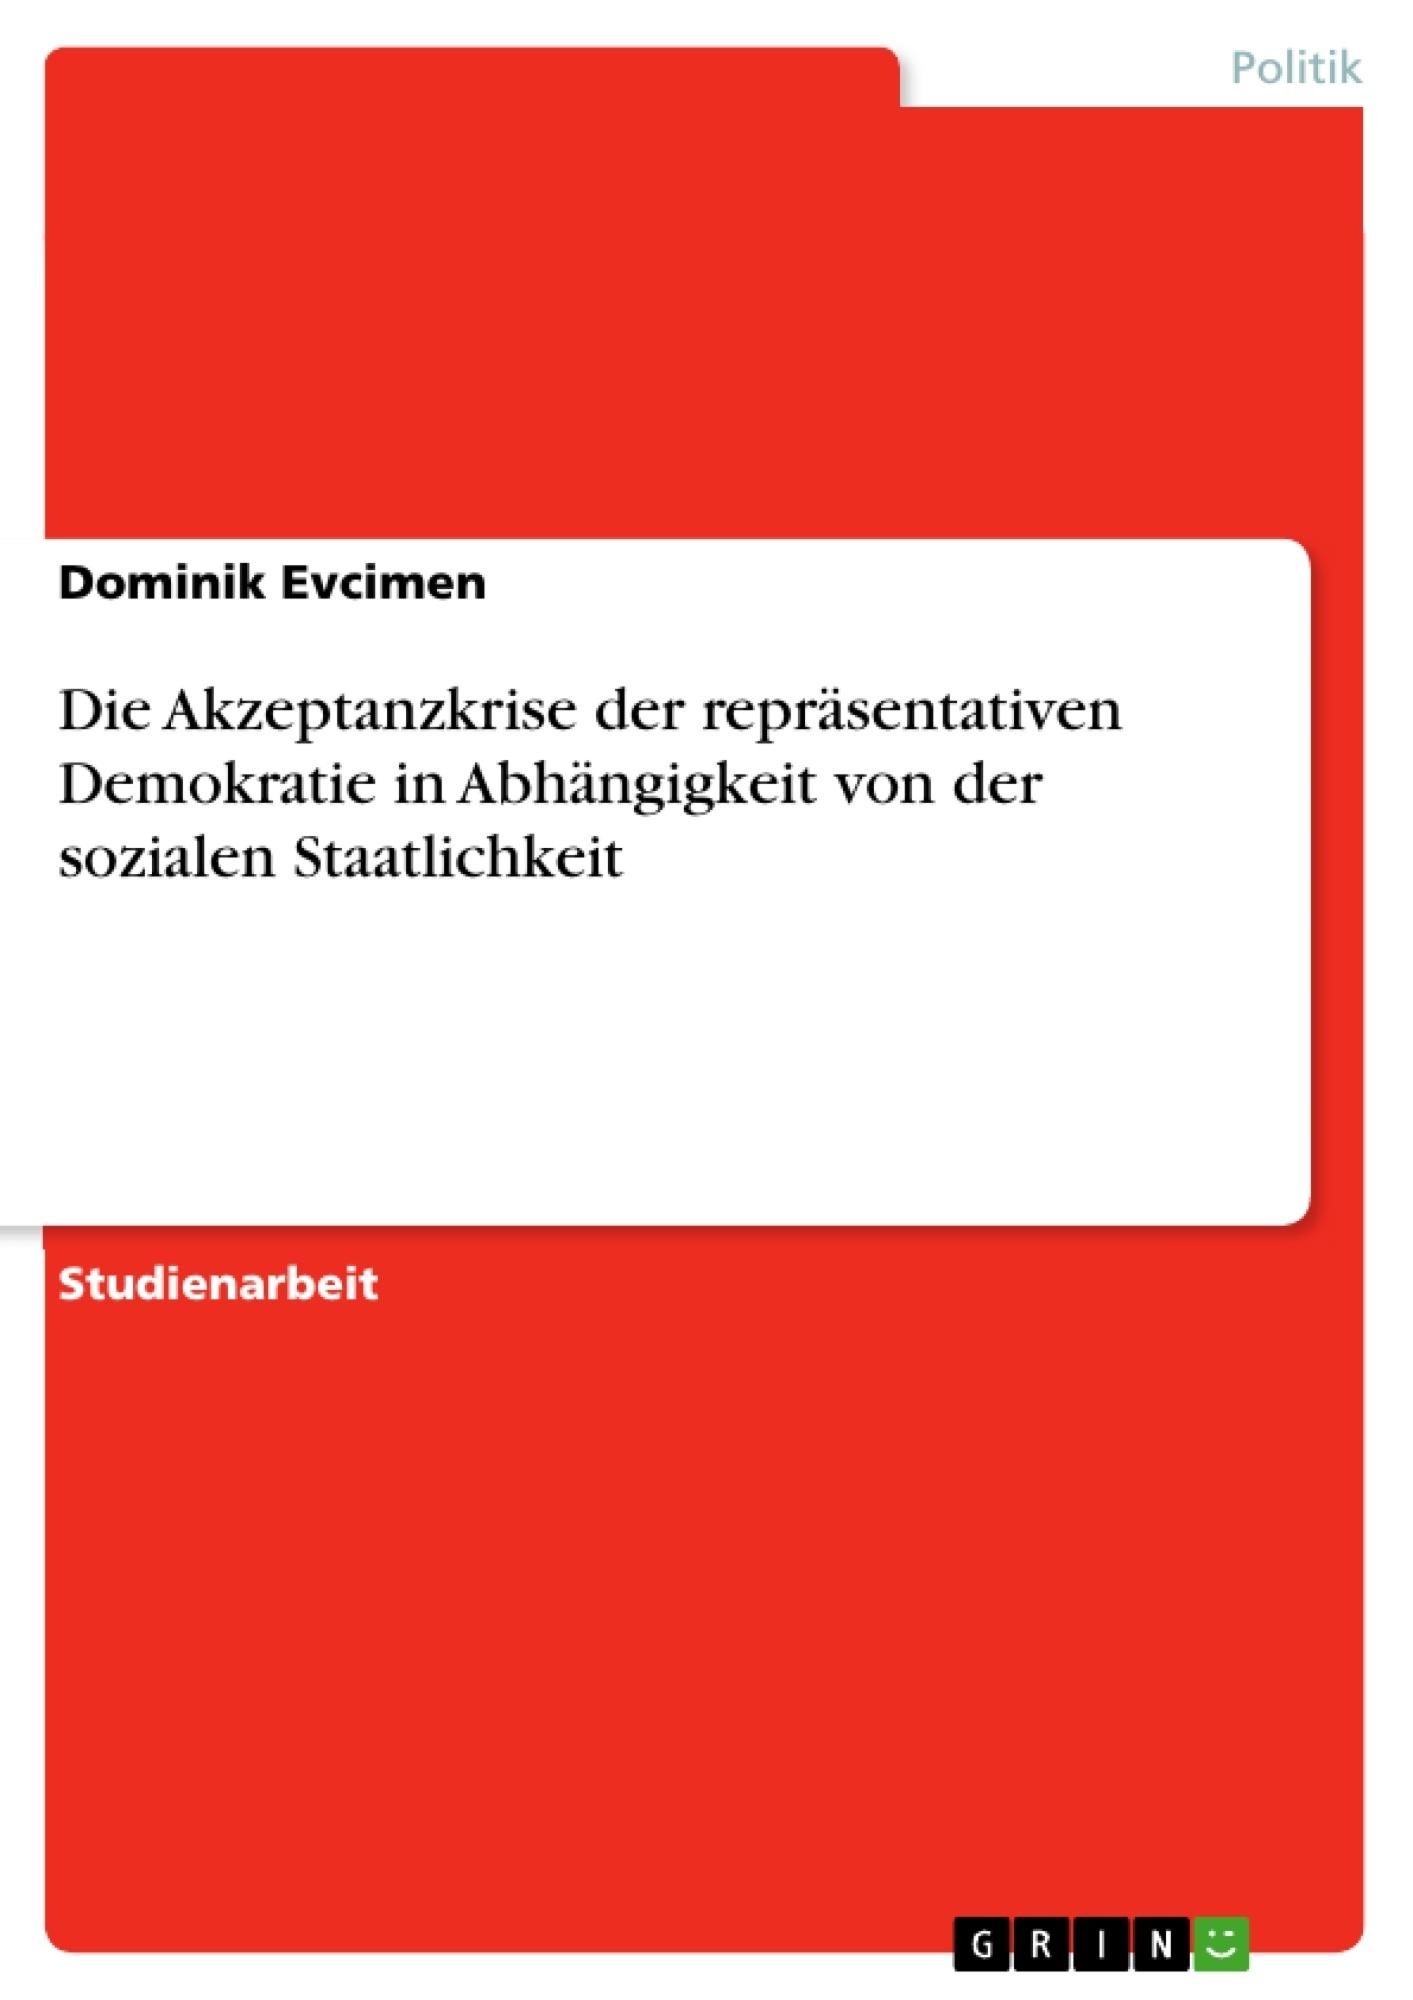 Titel: Die Akzeptanzkrise der repräsentativen Demokratie in Abhängigkeit von der sozialen Staatlichkeit